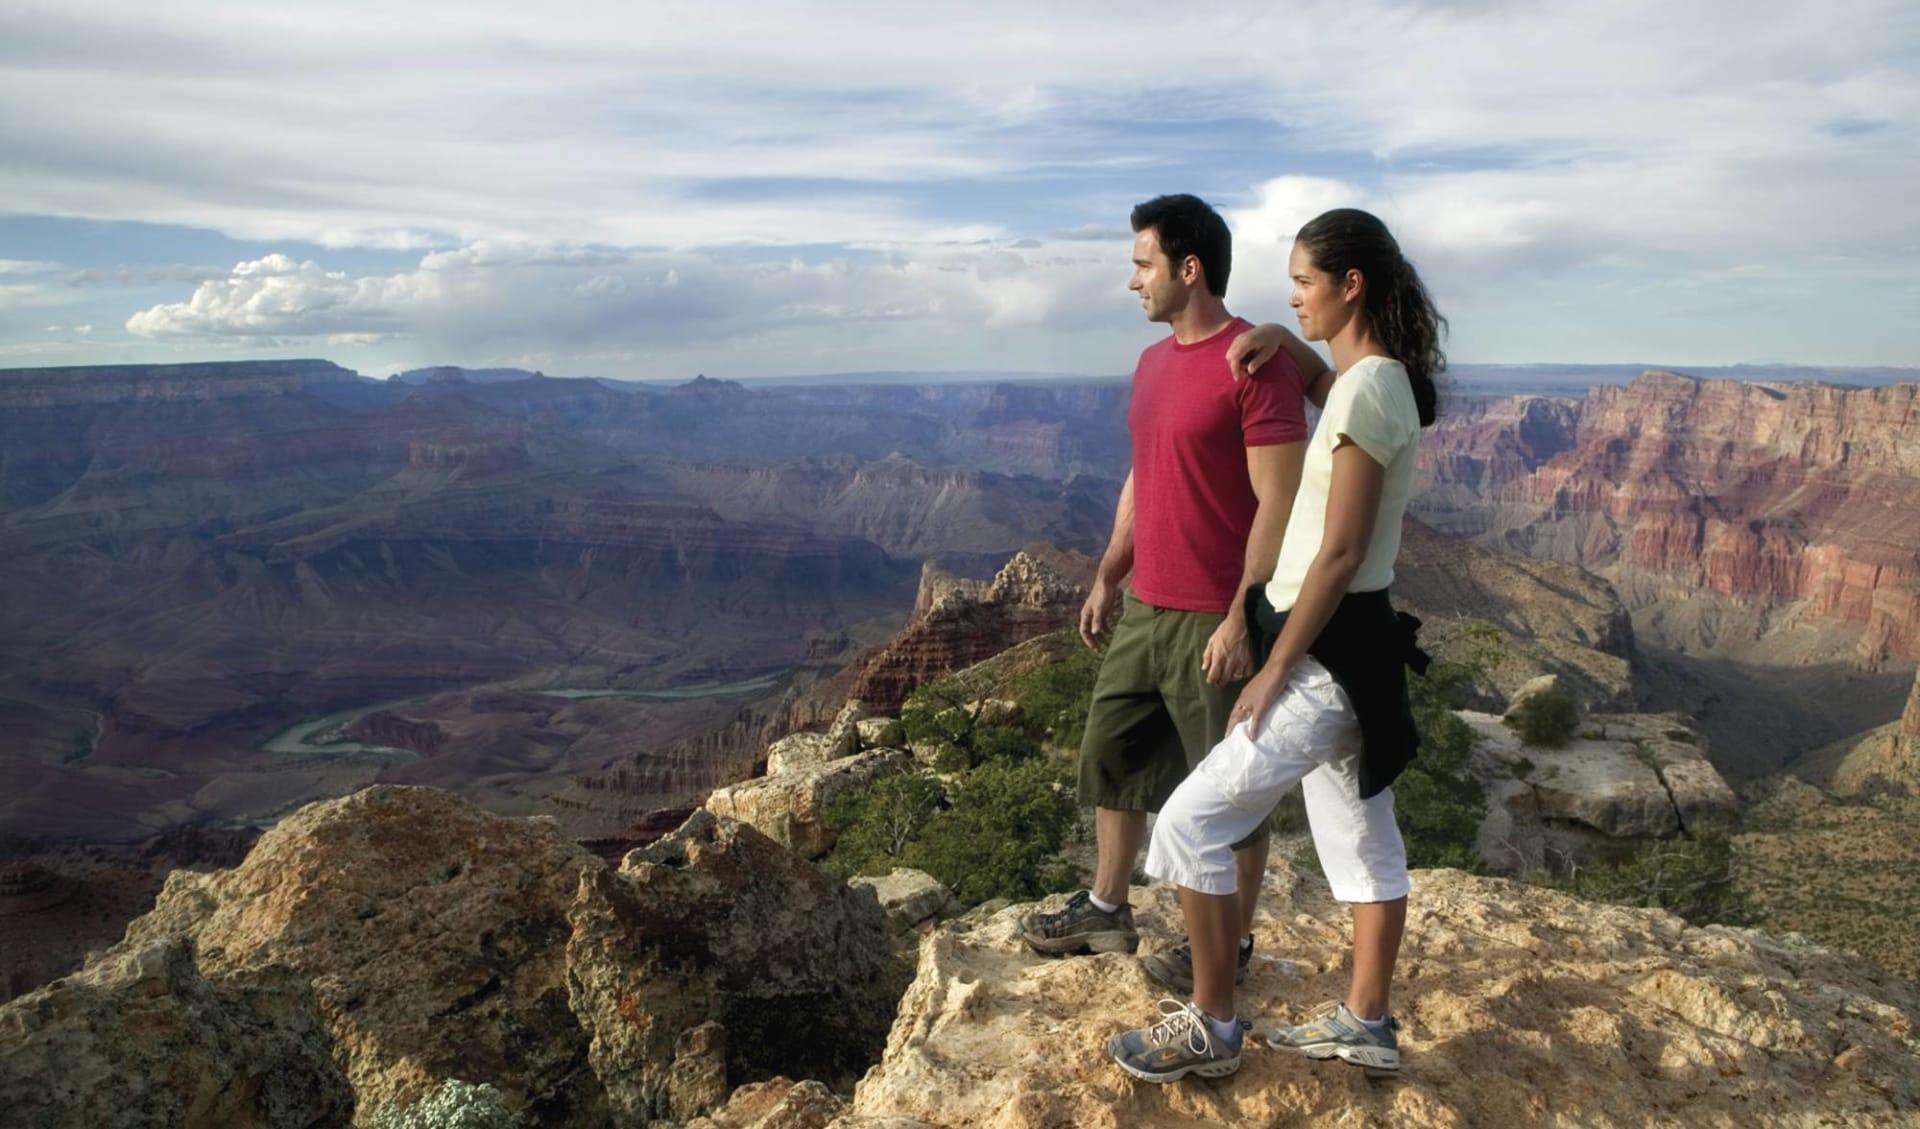 Entdecker-Reise Südwesten ab San Francisco: USA - Arizona - Grand Canyon Nationalpark